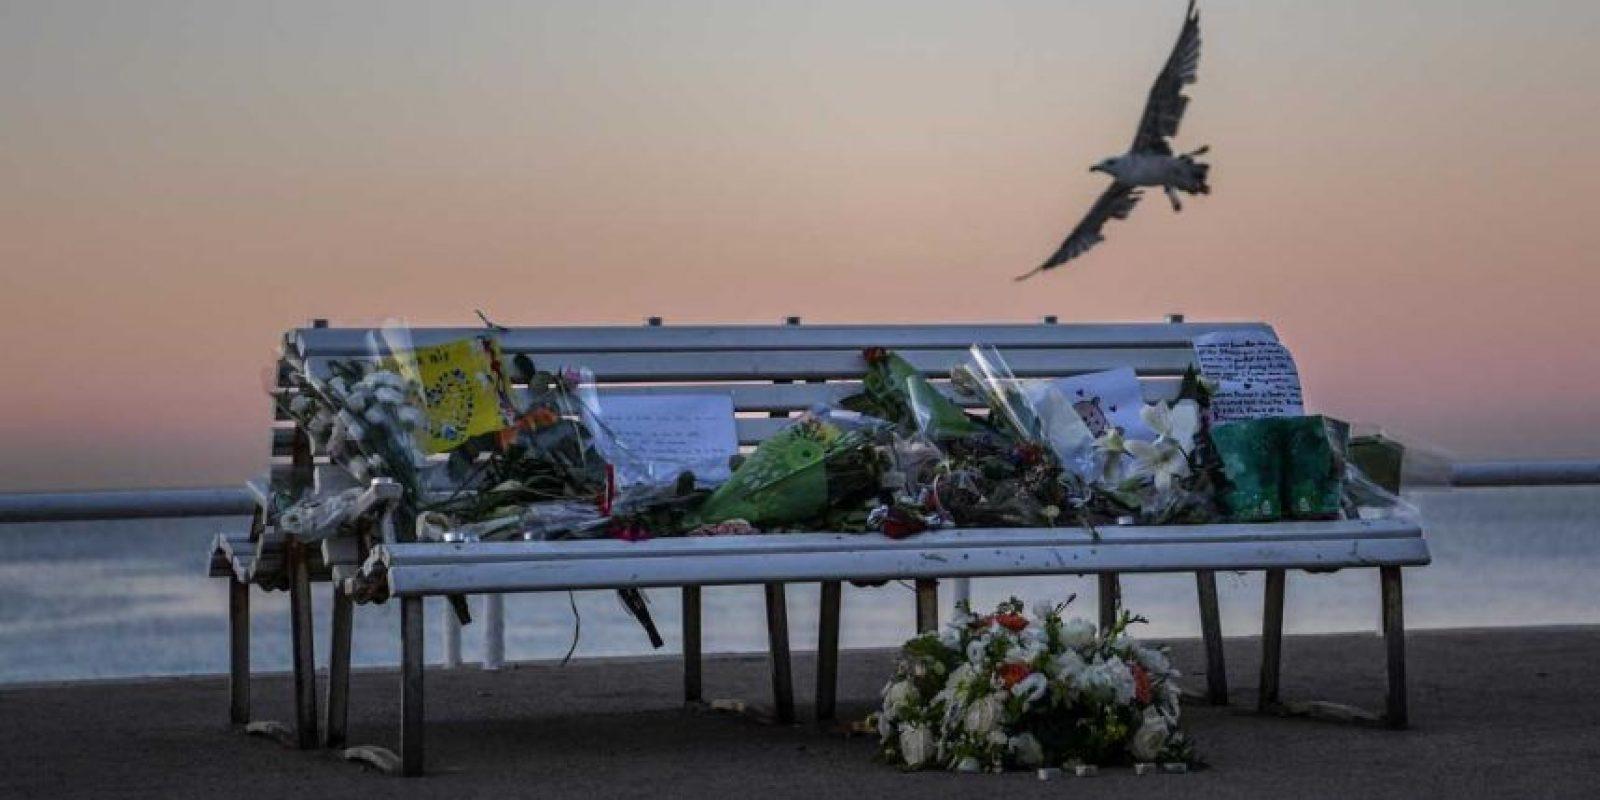 El conductor del vehículo que causó la tragedia, un tunecino de nombre Mohamed Lahouaiej Bouhel, fue abatido por la policía. Foto:Getty Images